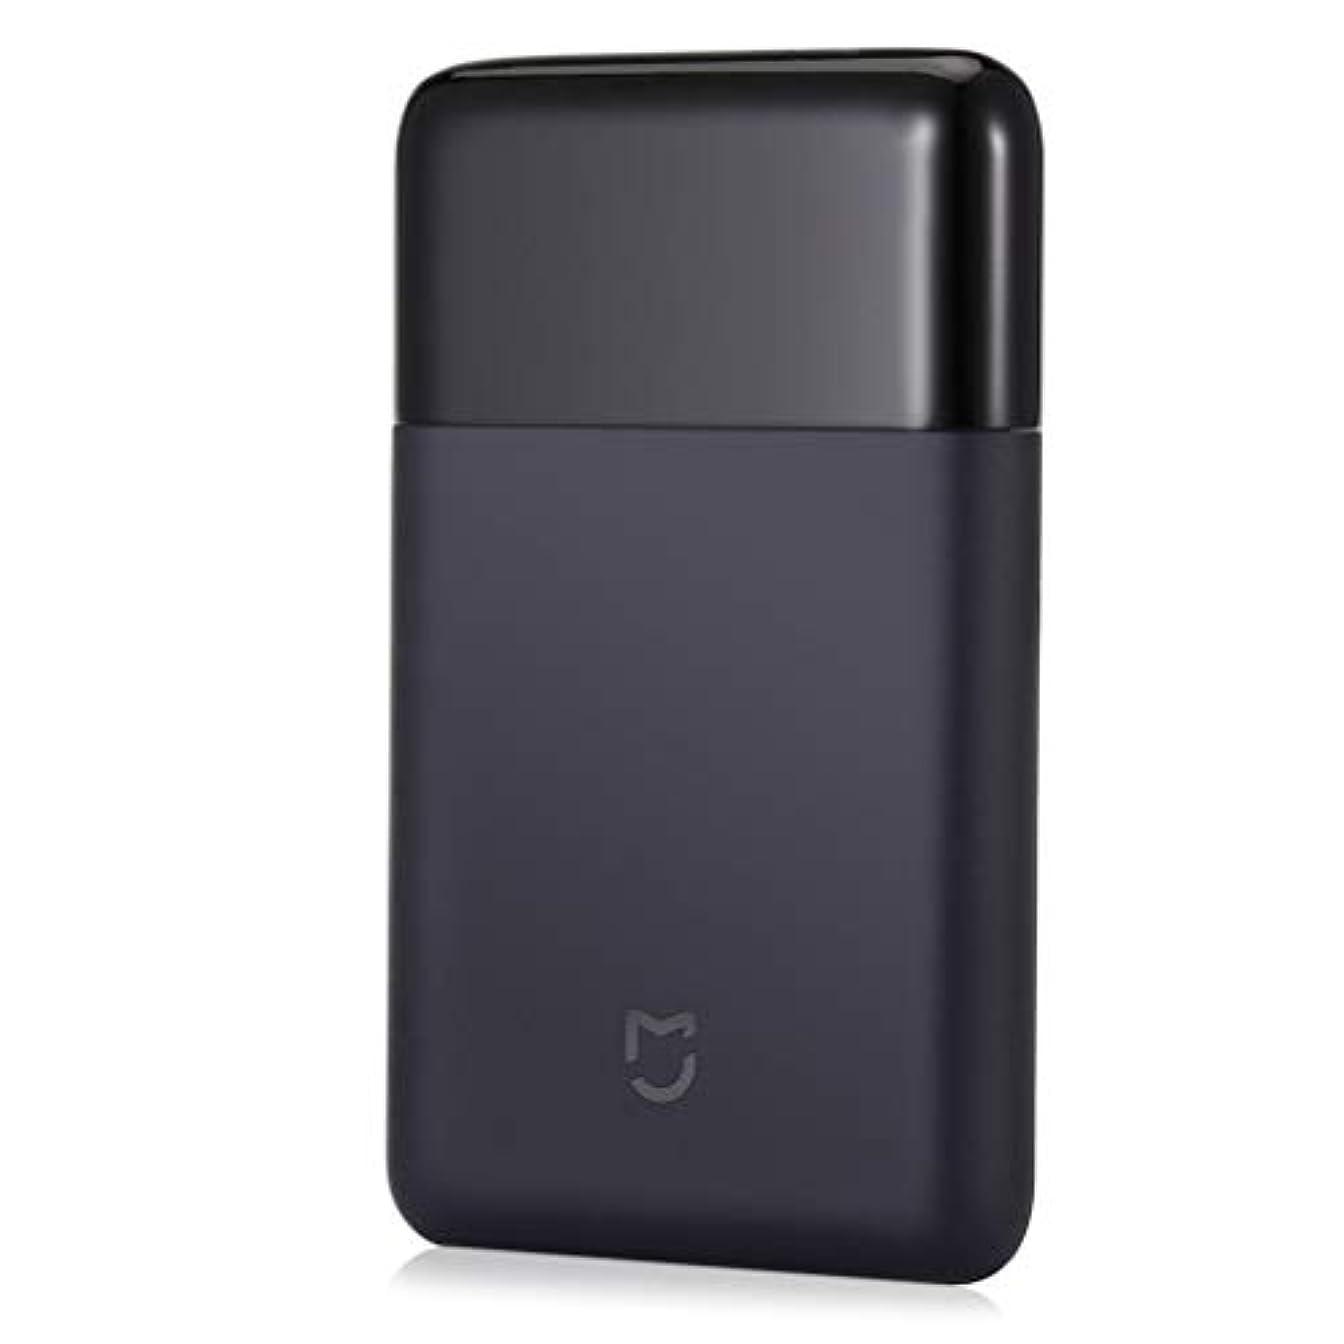 読みやすさパイプ我慢するのための取り外し可能なカミソリカッターを旅行充電式ポータブル電気シェーバーカミソリスチールメンズアウトドア